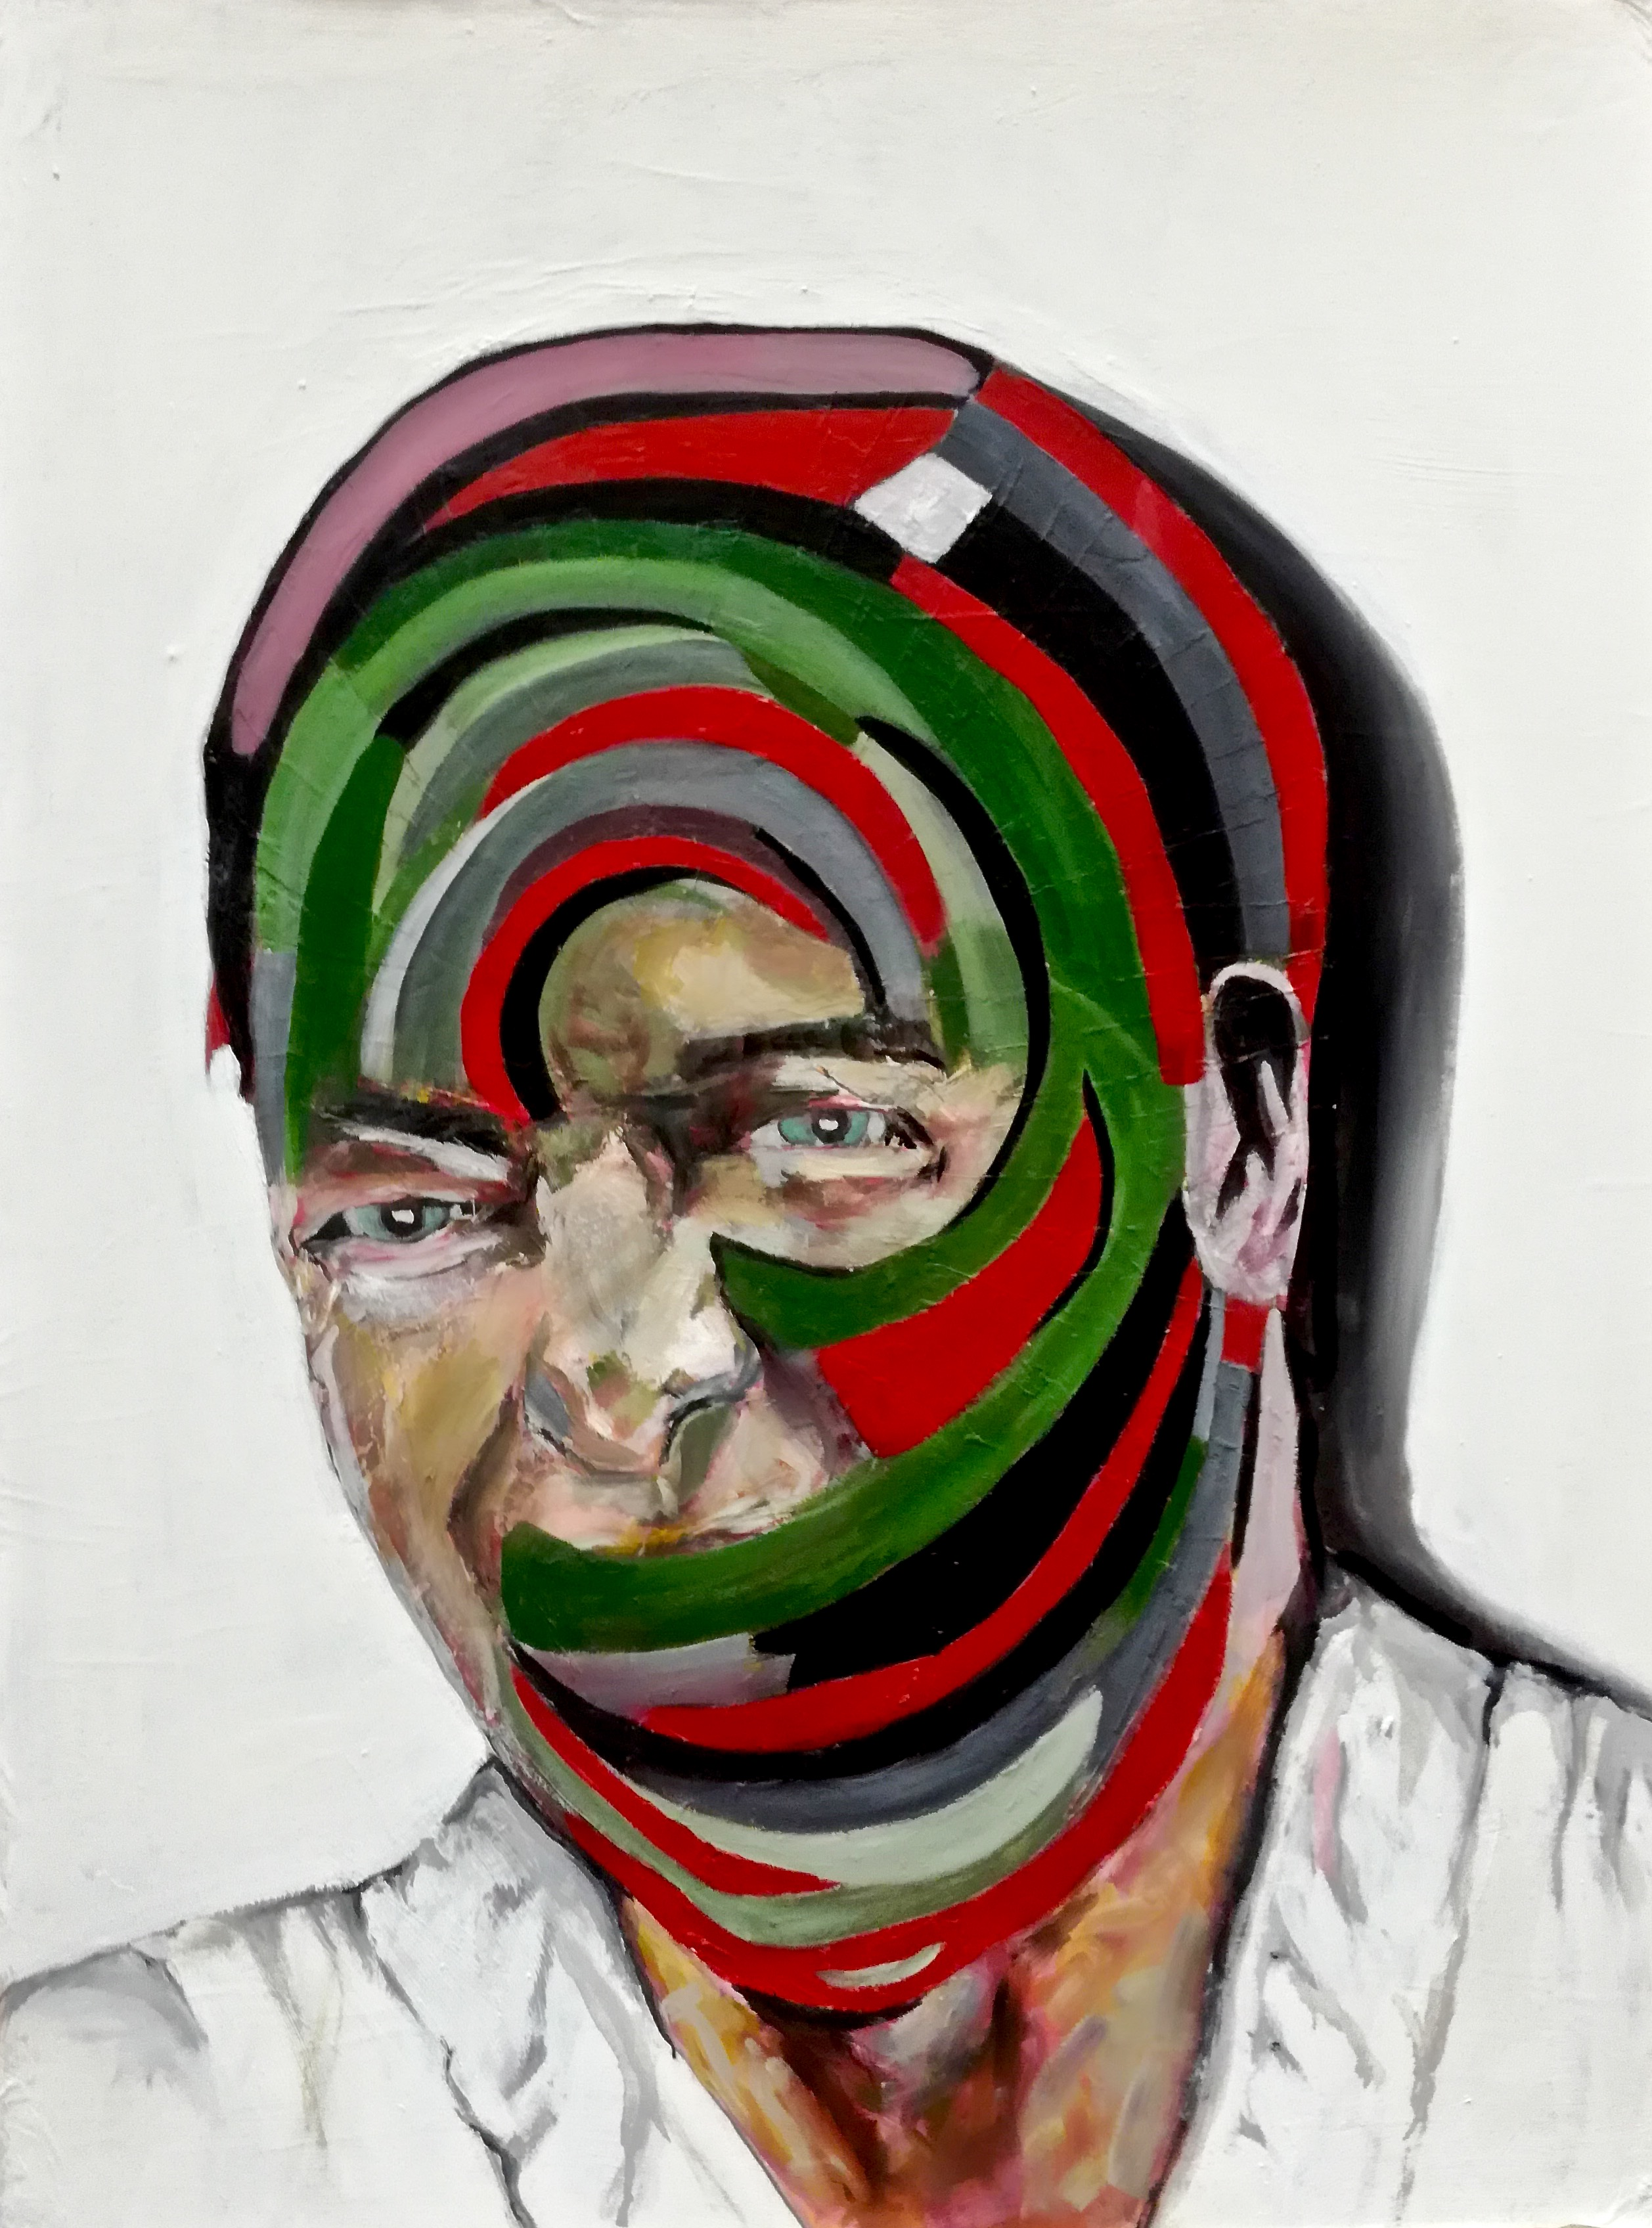 Portrait peint de Marcus. Semi-caché par un masque rouge et vert. Par Stanmac 2014-2018